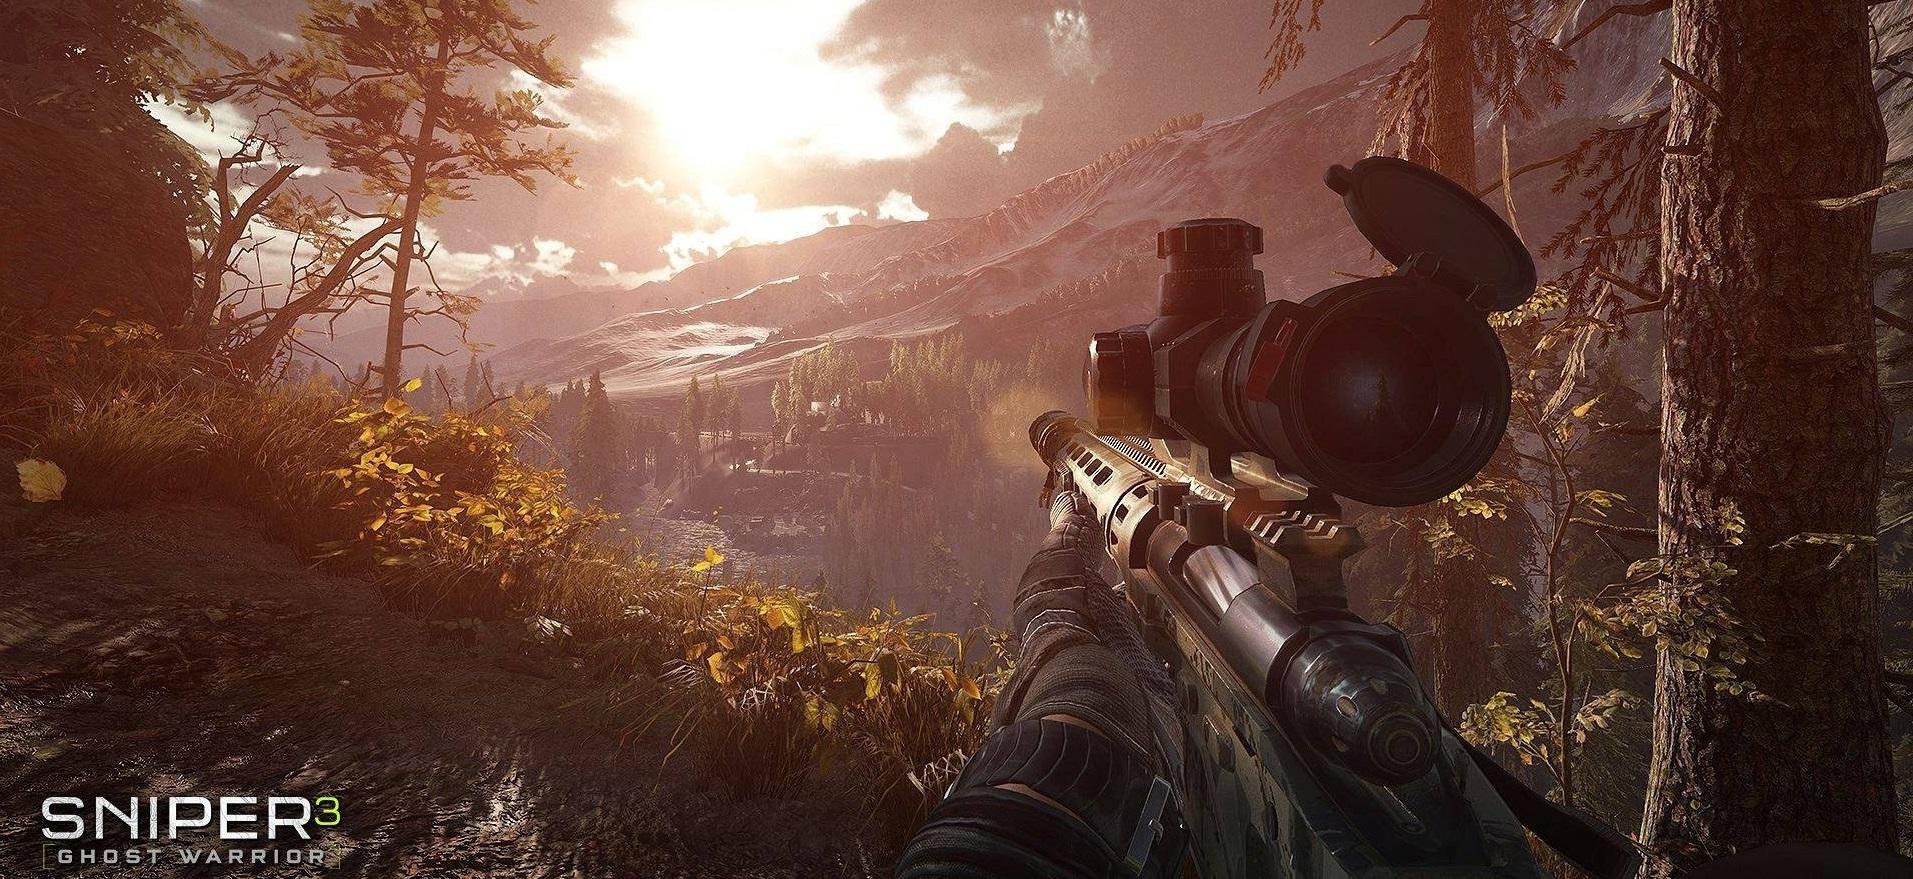 El Sniper: Ghost Warrior 3 se retrasa por tercera vez